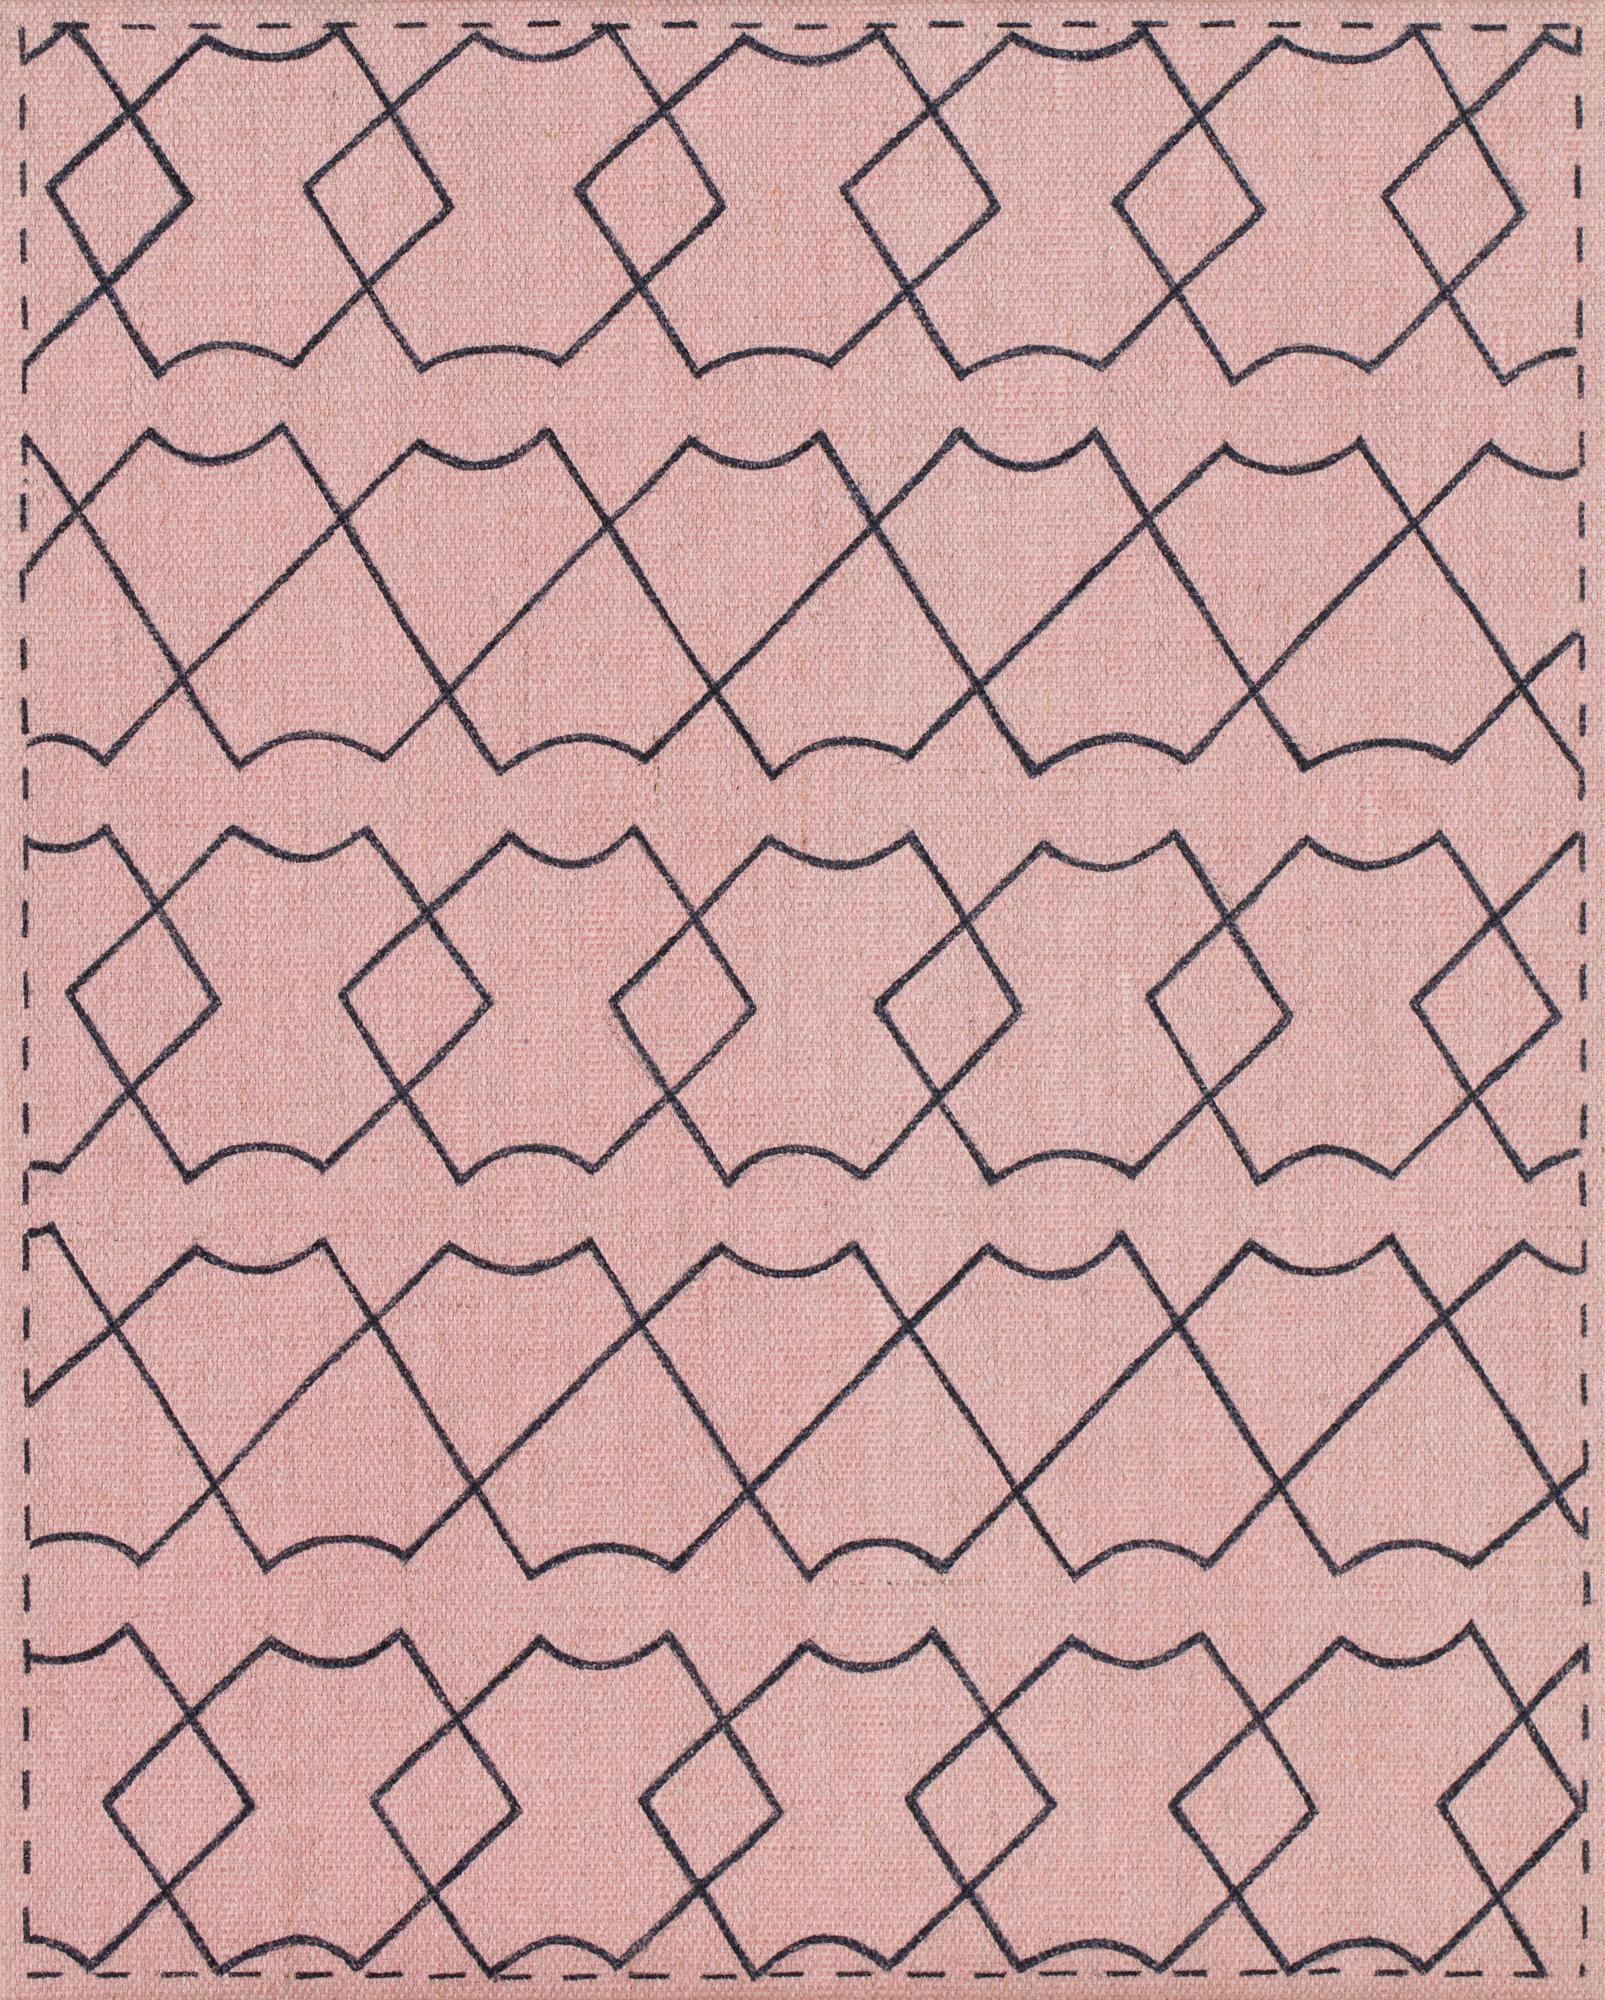 Norberg & Sundén  XXX  2019 Acrylic on linen cloth 30 x 24 cm